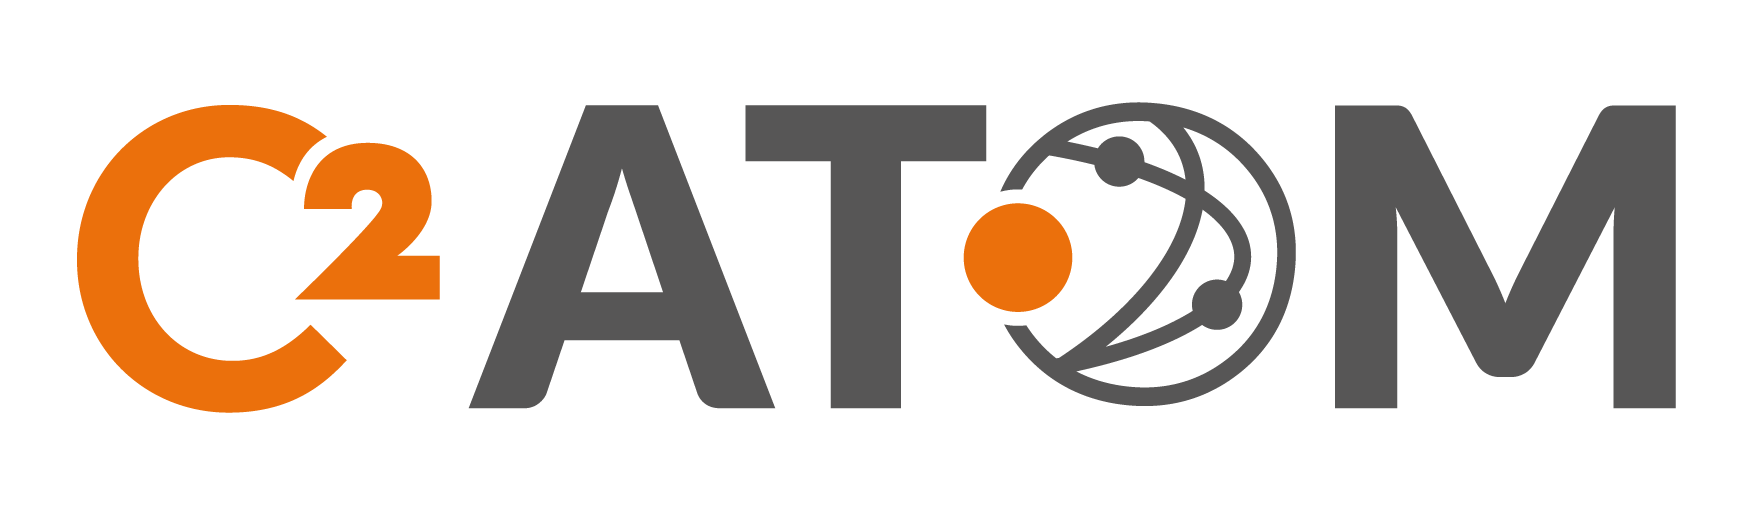 C2 ATOM logo